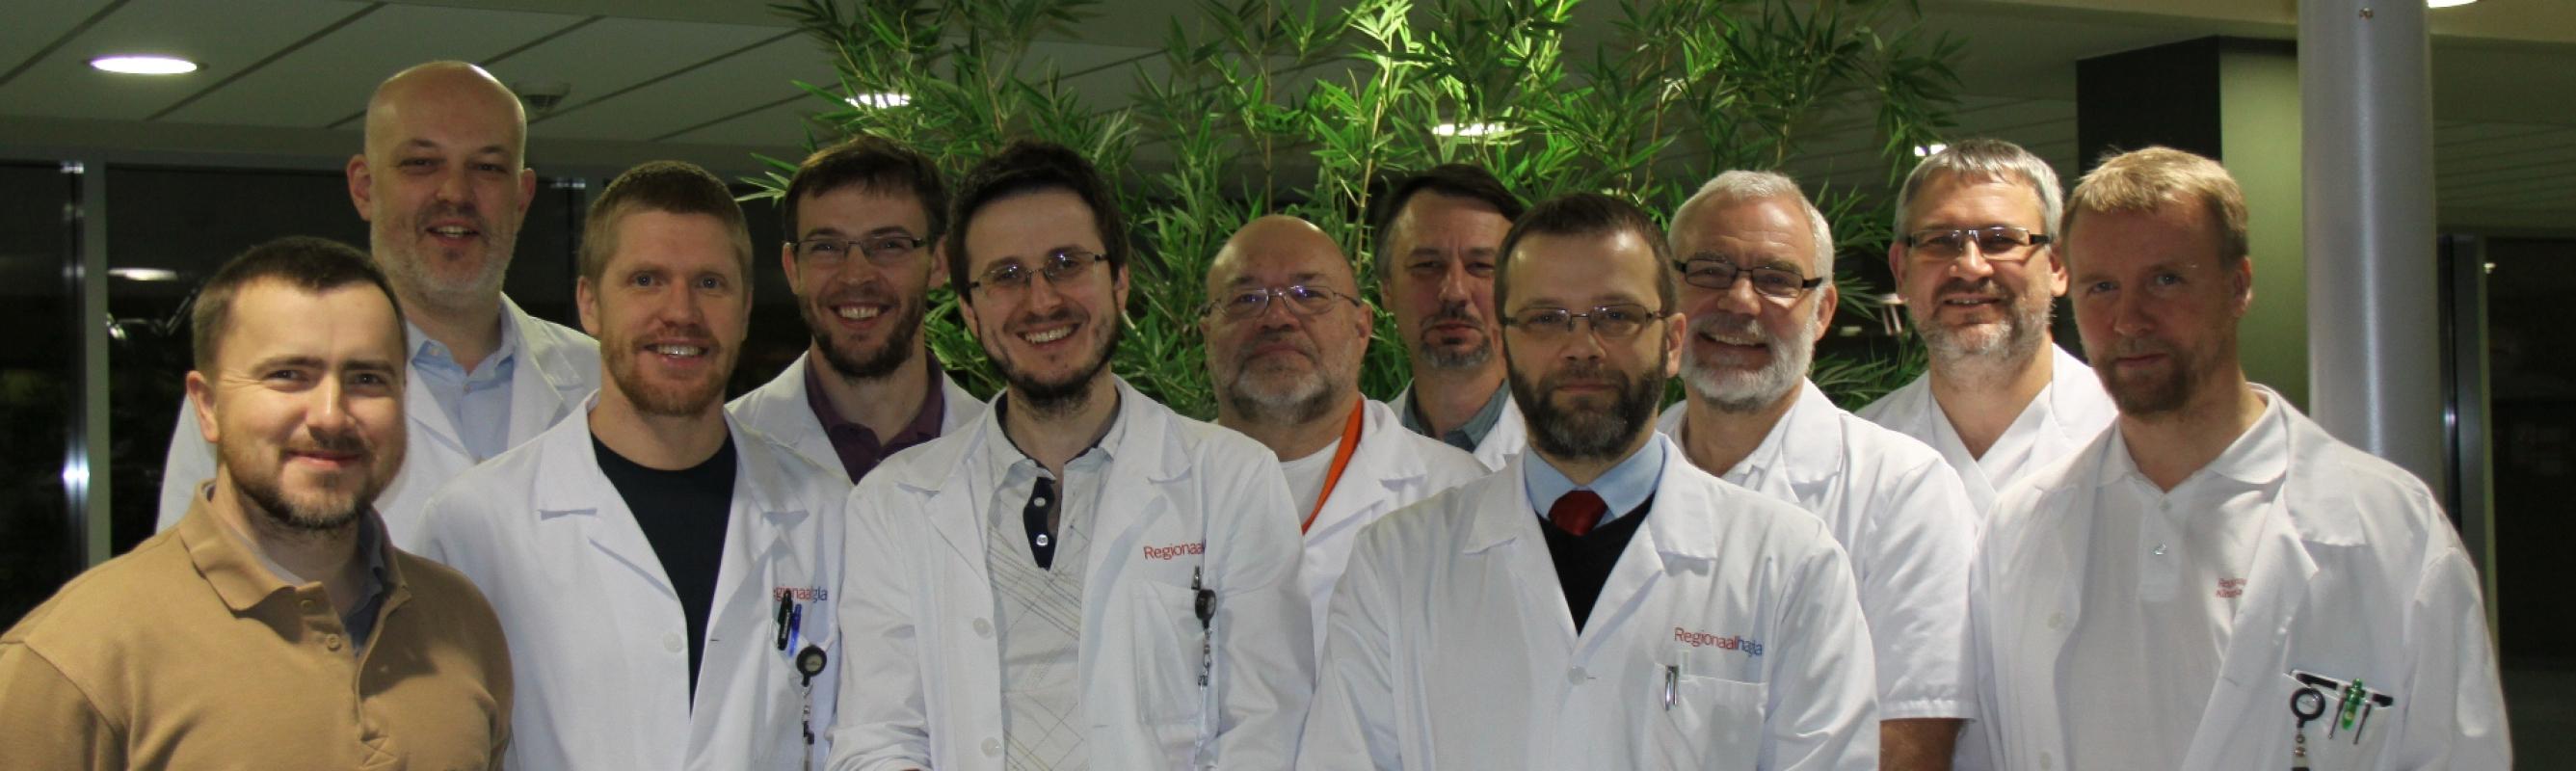 Regionaalhaigla Decembeard 2012 osalejad. Decembeard (detsembrihabe) on Inglismaalt meile jõudnud traditsioon, millega pööratakse tähelepanu soolevähile kui olulisele probleemile